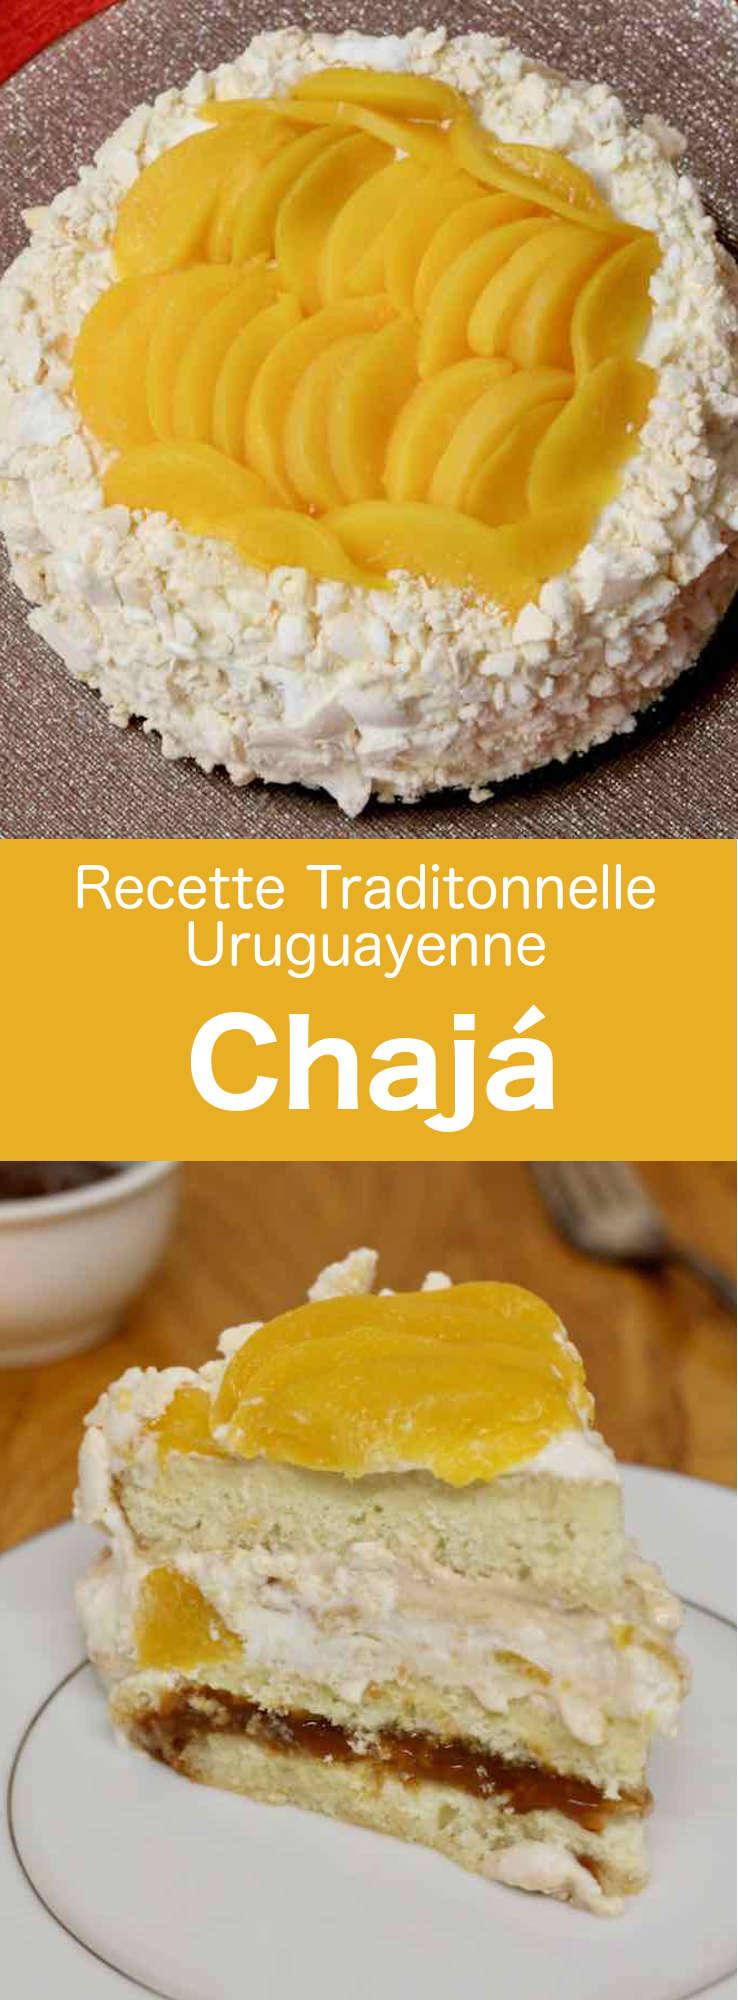 Le chajá est un dessert typique de la cuisine uruguayenne composé de meringue , de génoise , de crème fouettée et de pêches au sirop. #Uruguay #RecetteUruguayenne #CuisineUruguayenne #WorldCuisine #196flavors